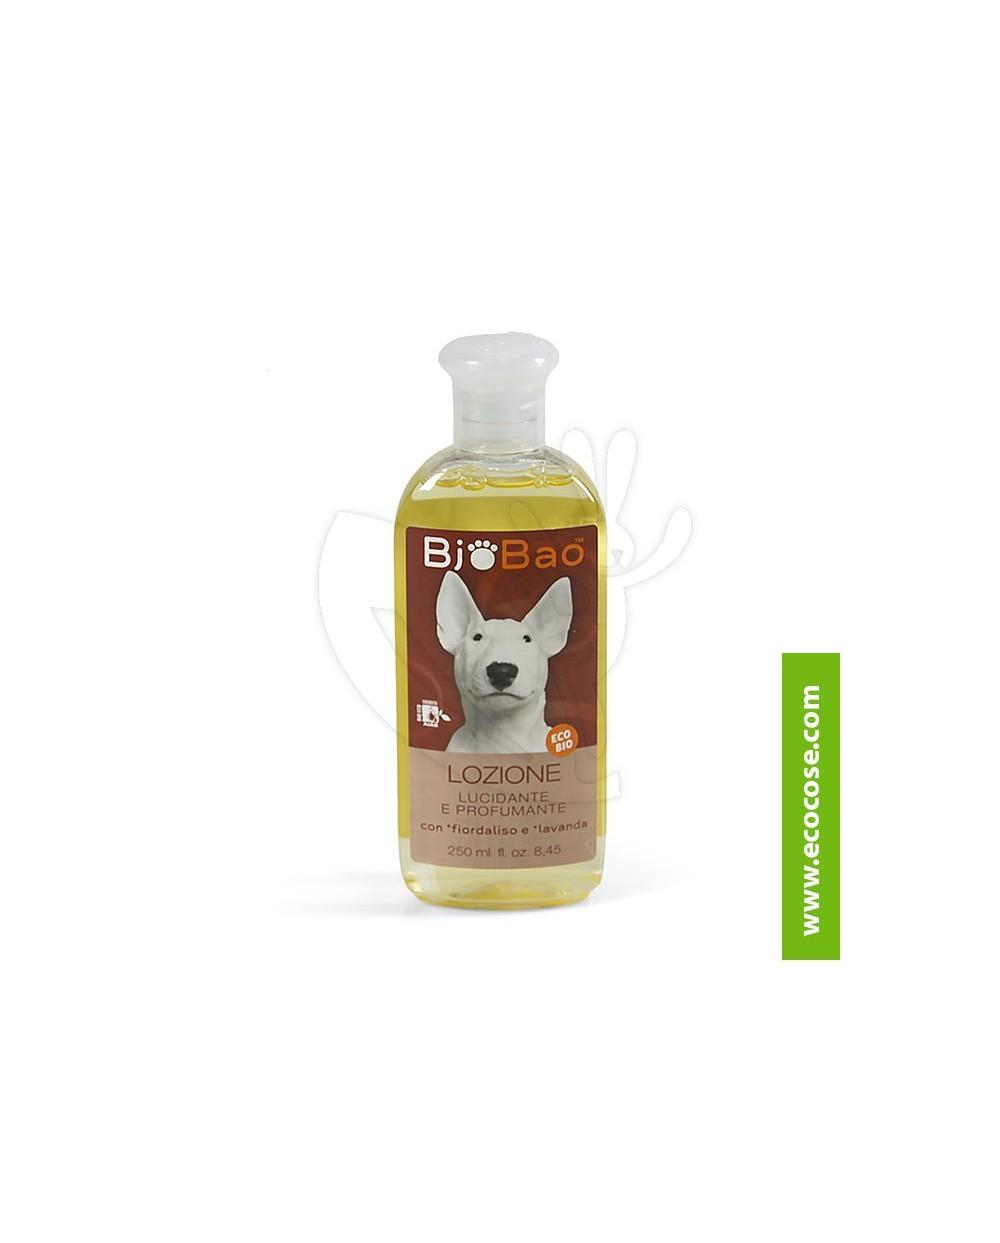 BjoBao - Lozione Lucidante e Profumante Cane